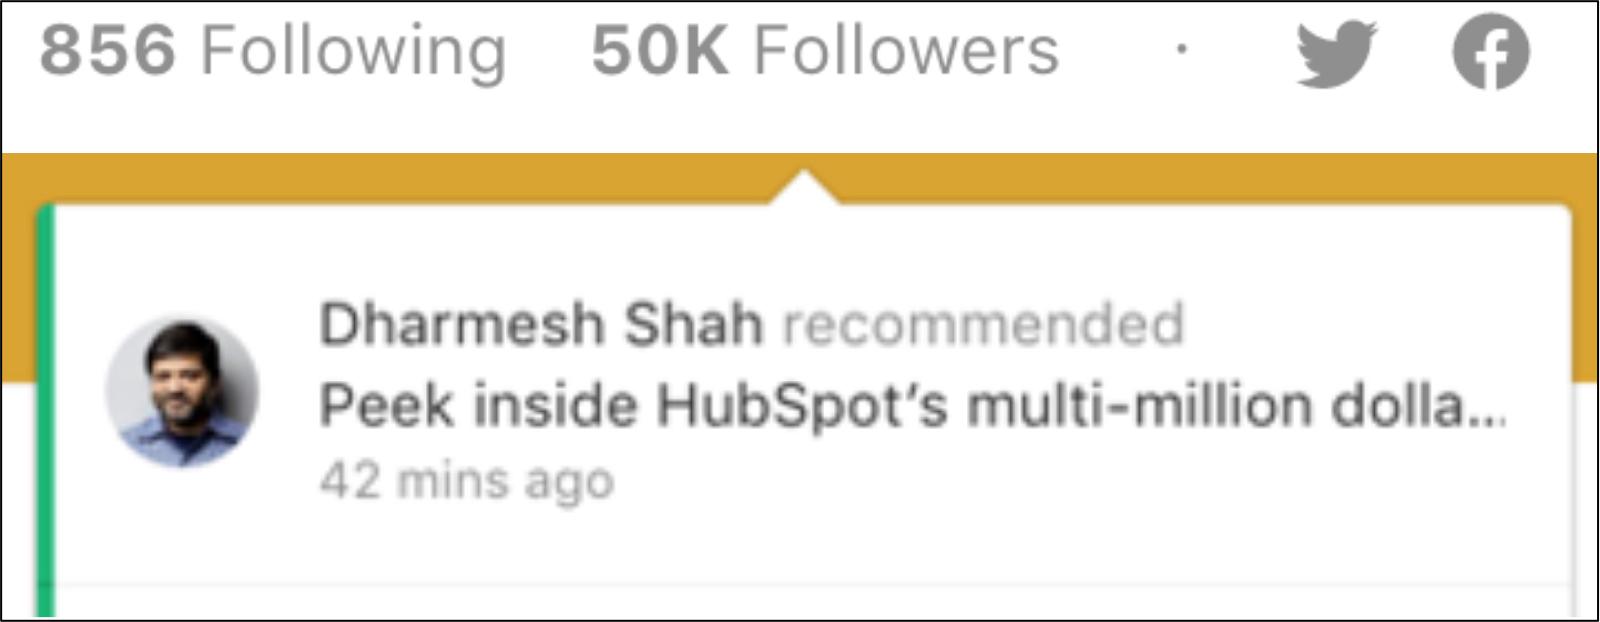 dharmesh shah medium share